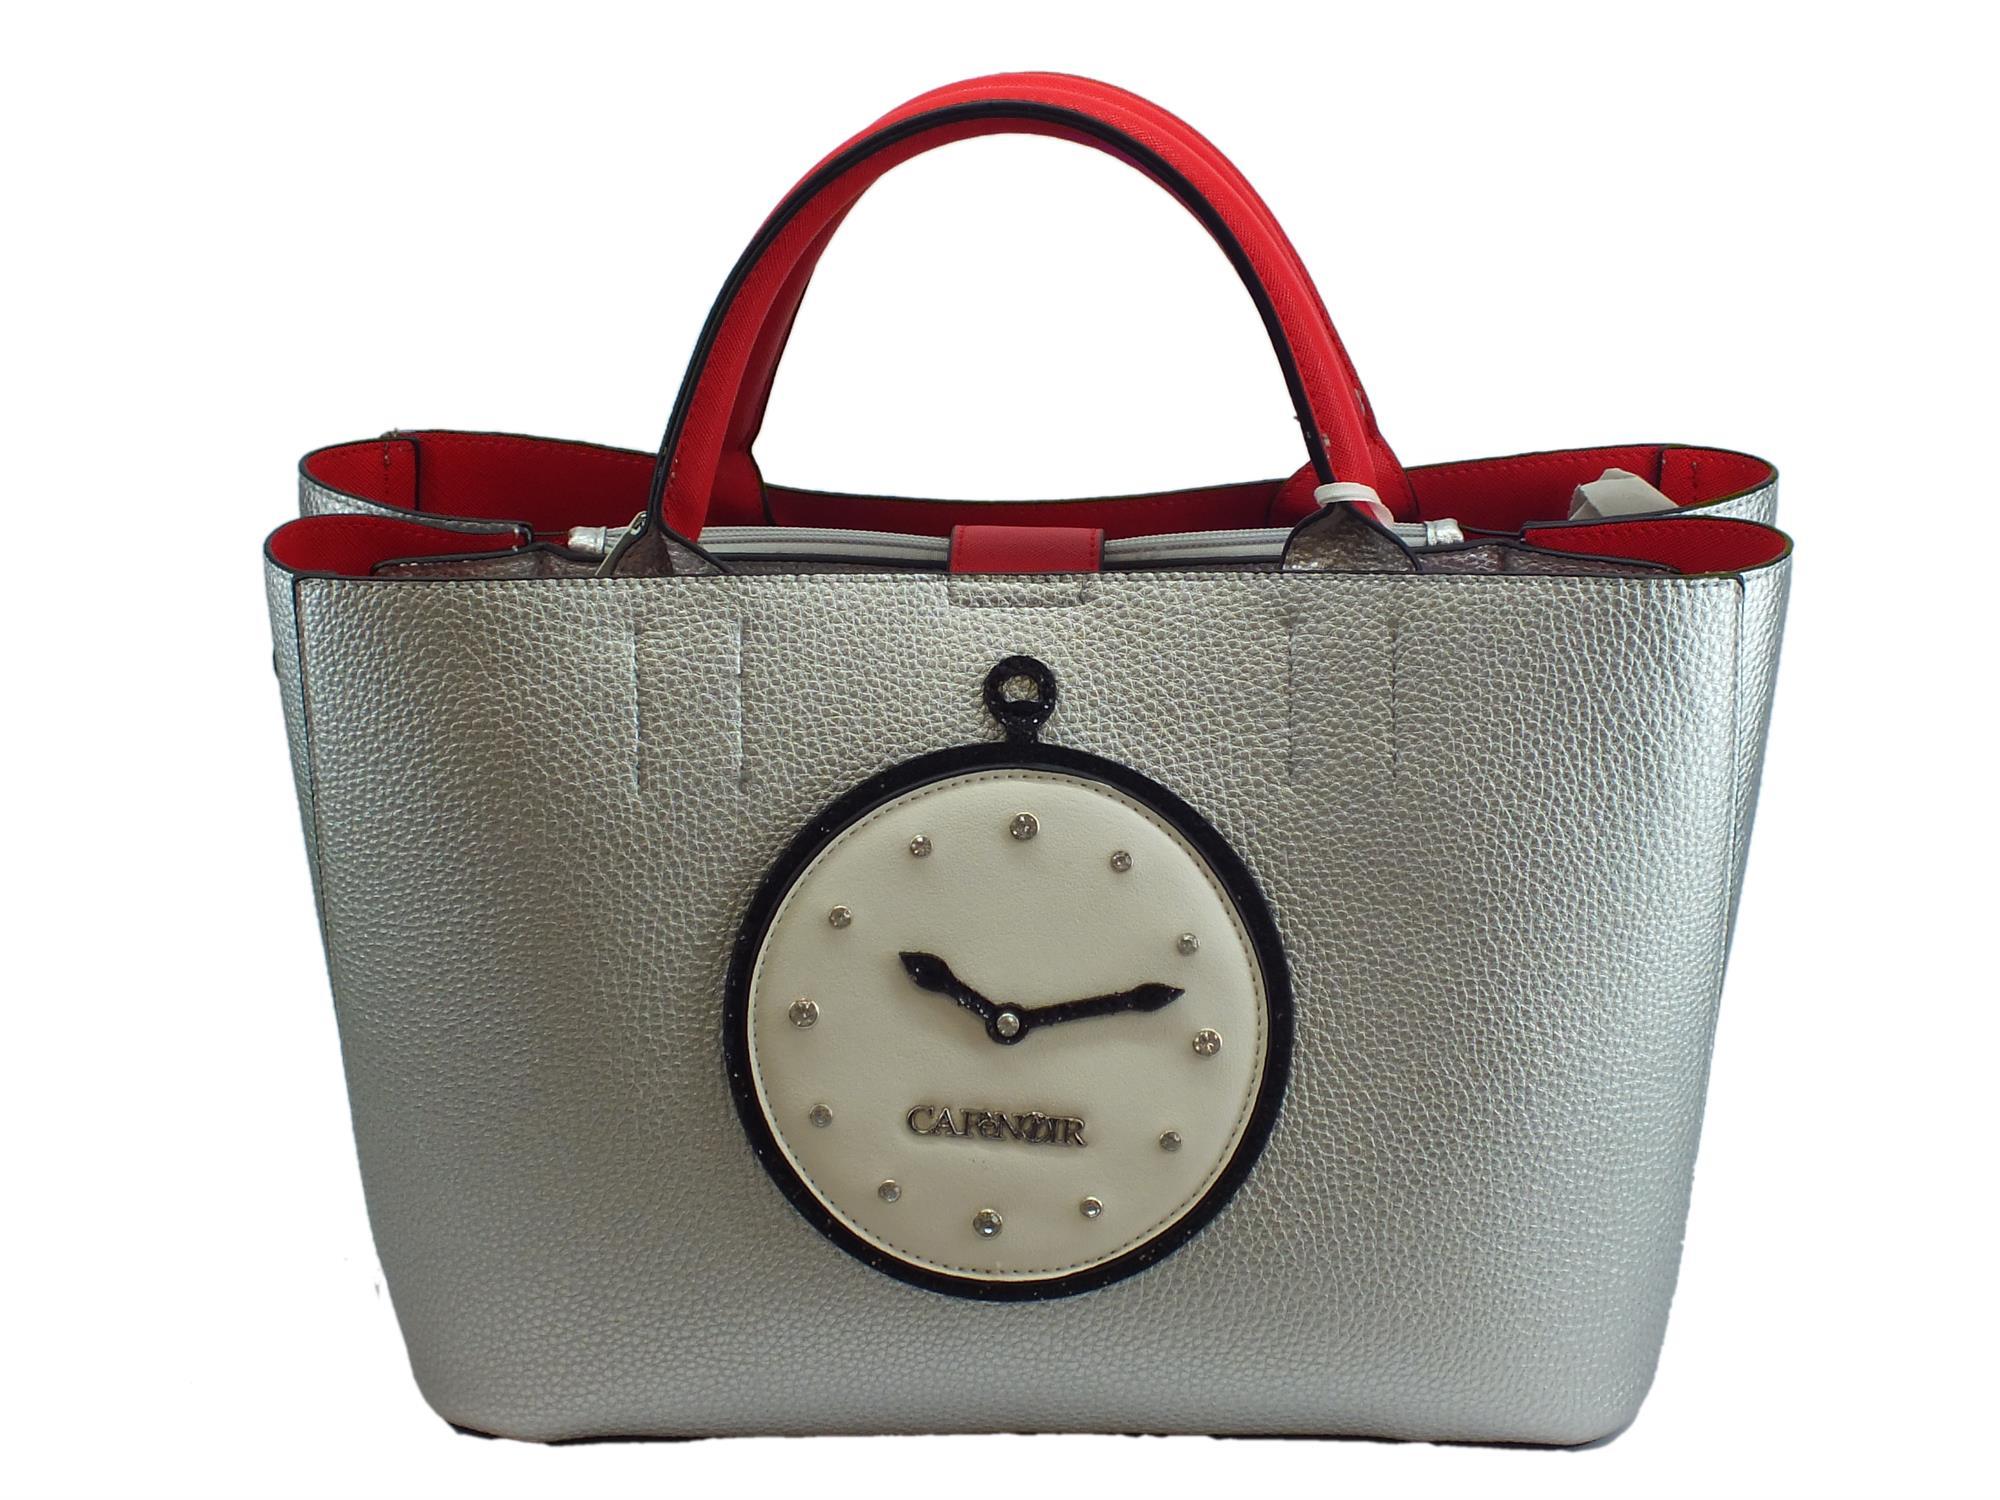 f95747a880df8d Borsa CafèNoir ecopelle argento rosso saffiano orologio - Vitiello ...